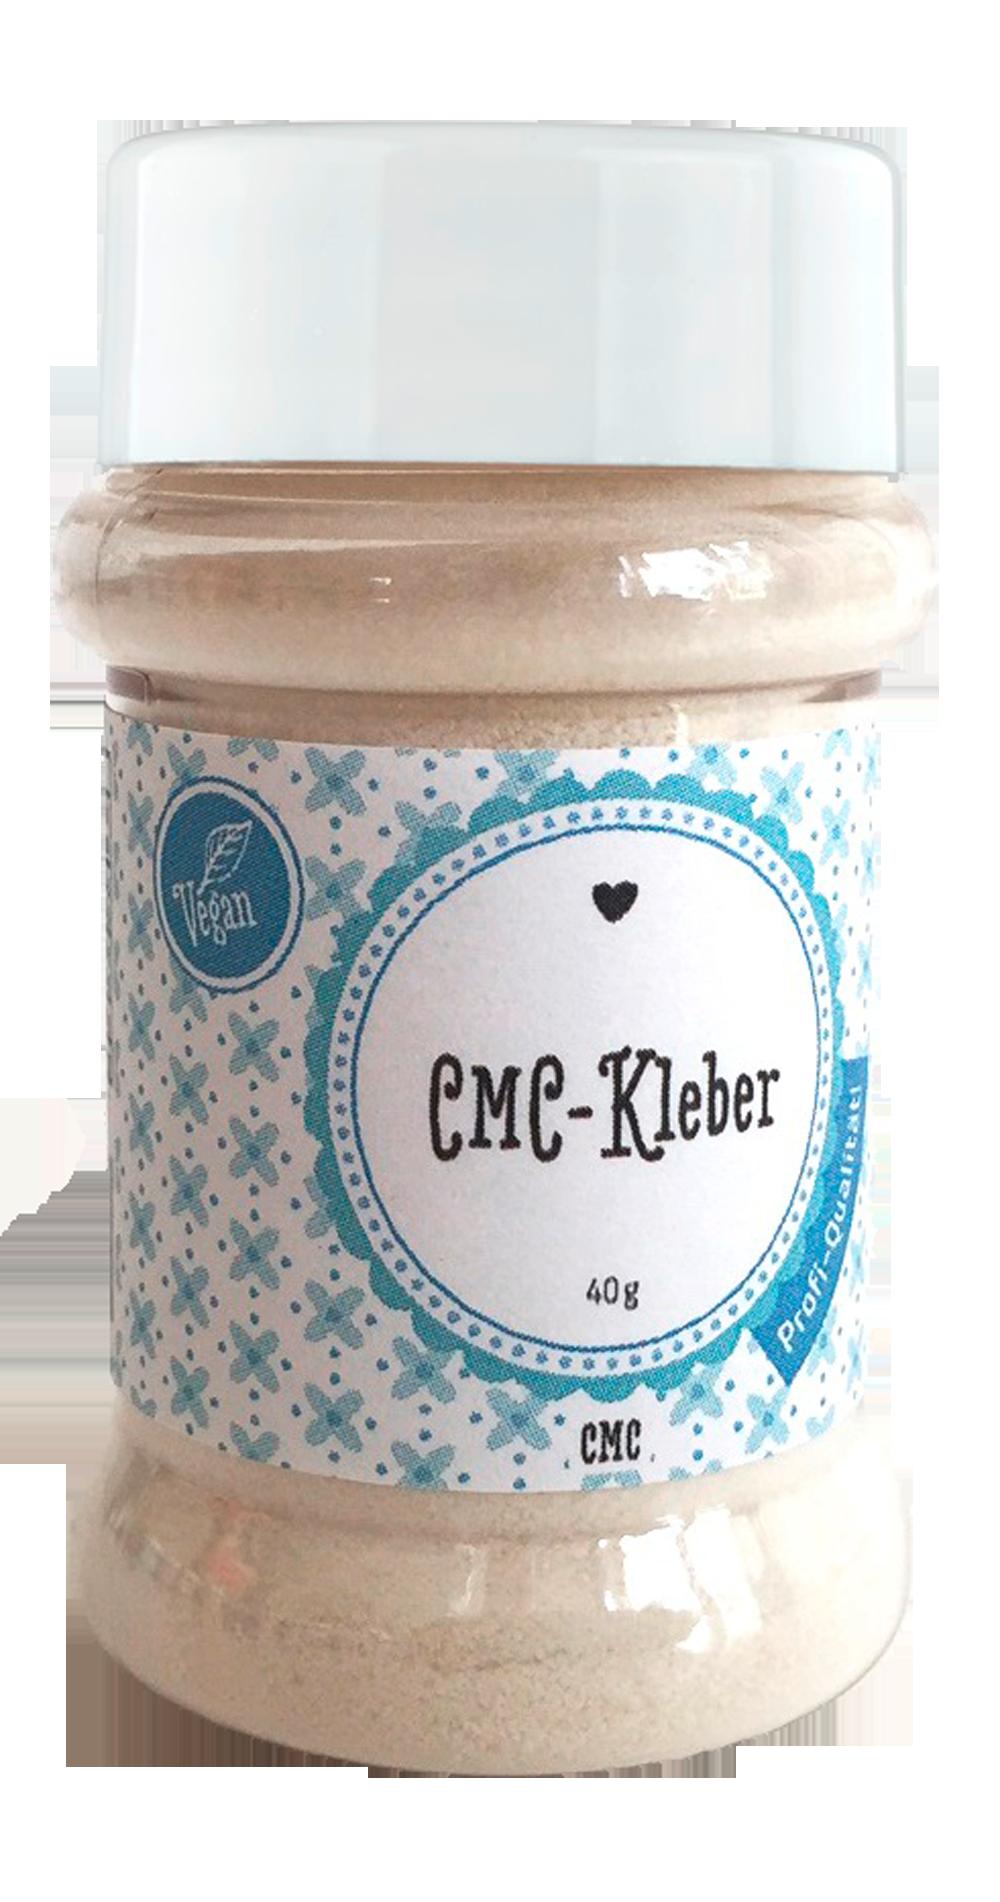 CMC-Kleber 40g Dose